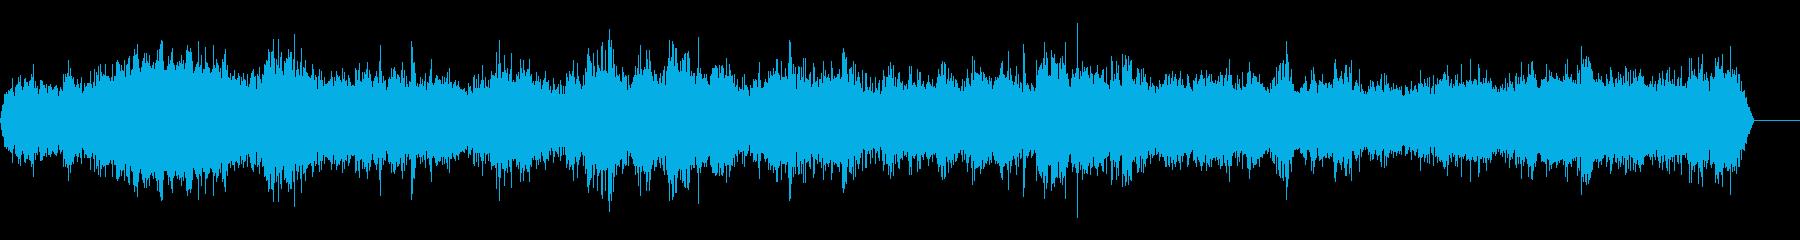 声ブーuuuhhhの再生済みの波形